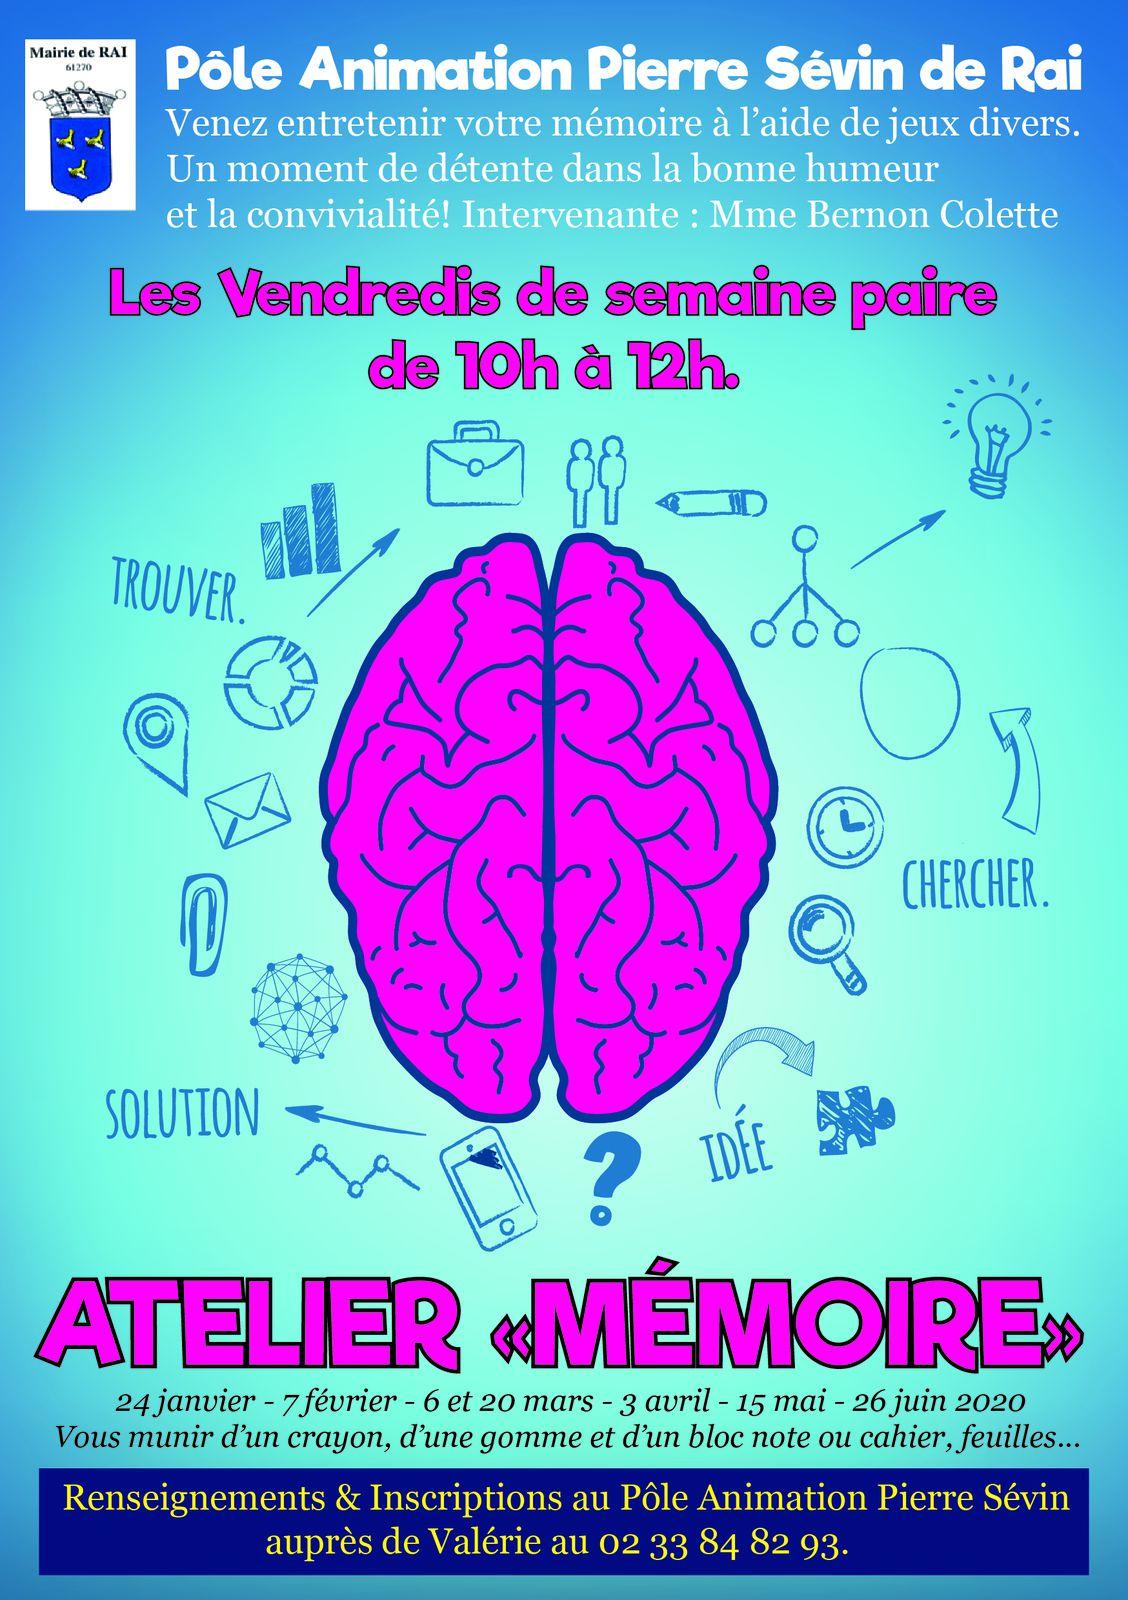 Atelier Mémoire au Pôle Animation Pierre Sévin